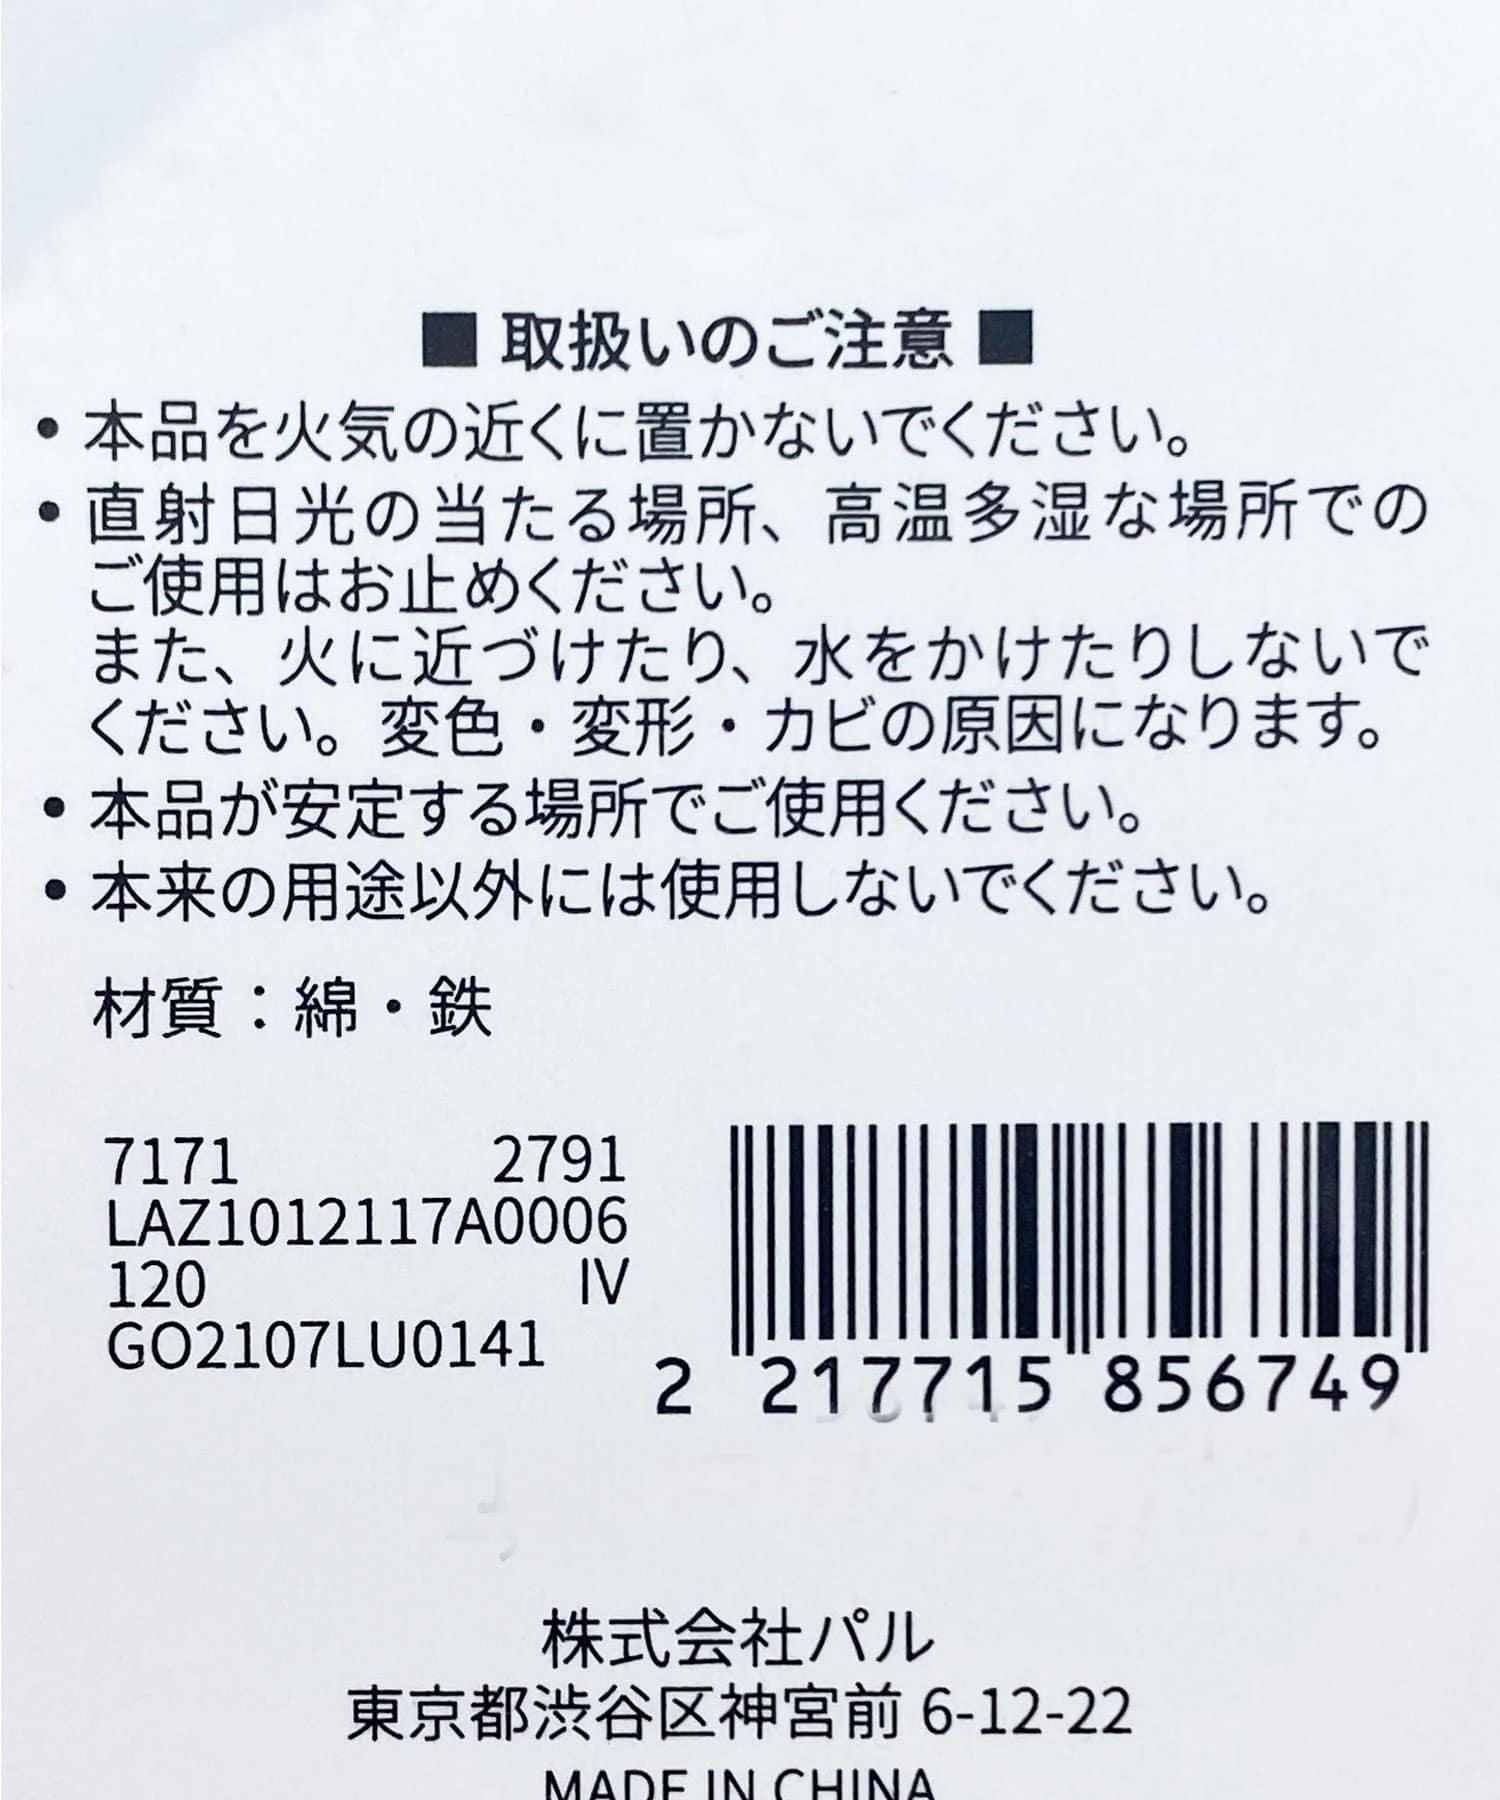 Lattice(ラティス) 【お部屋を憧れ空間に】ロープBOX(S)【WEB限定】